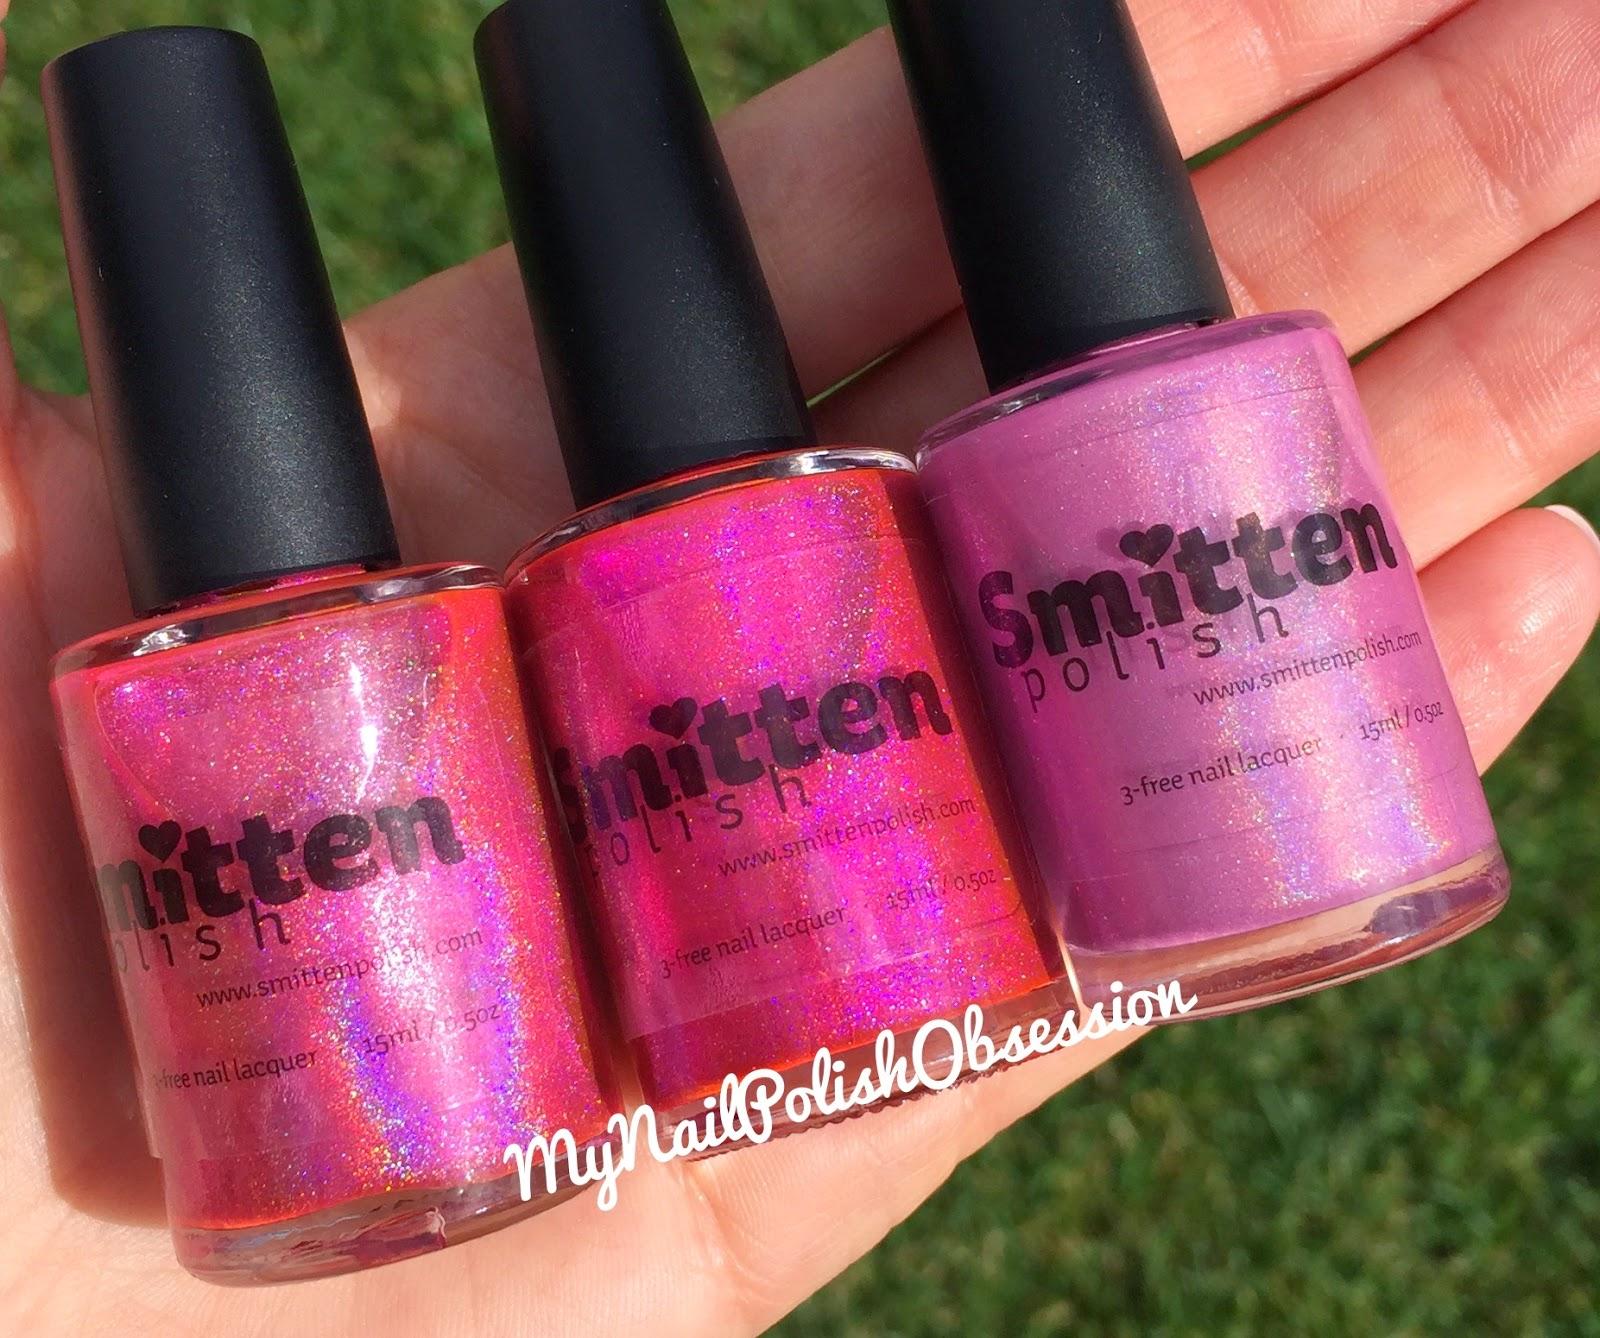 Smitten pink comparison